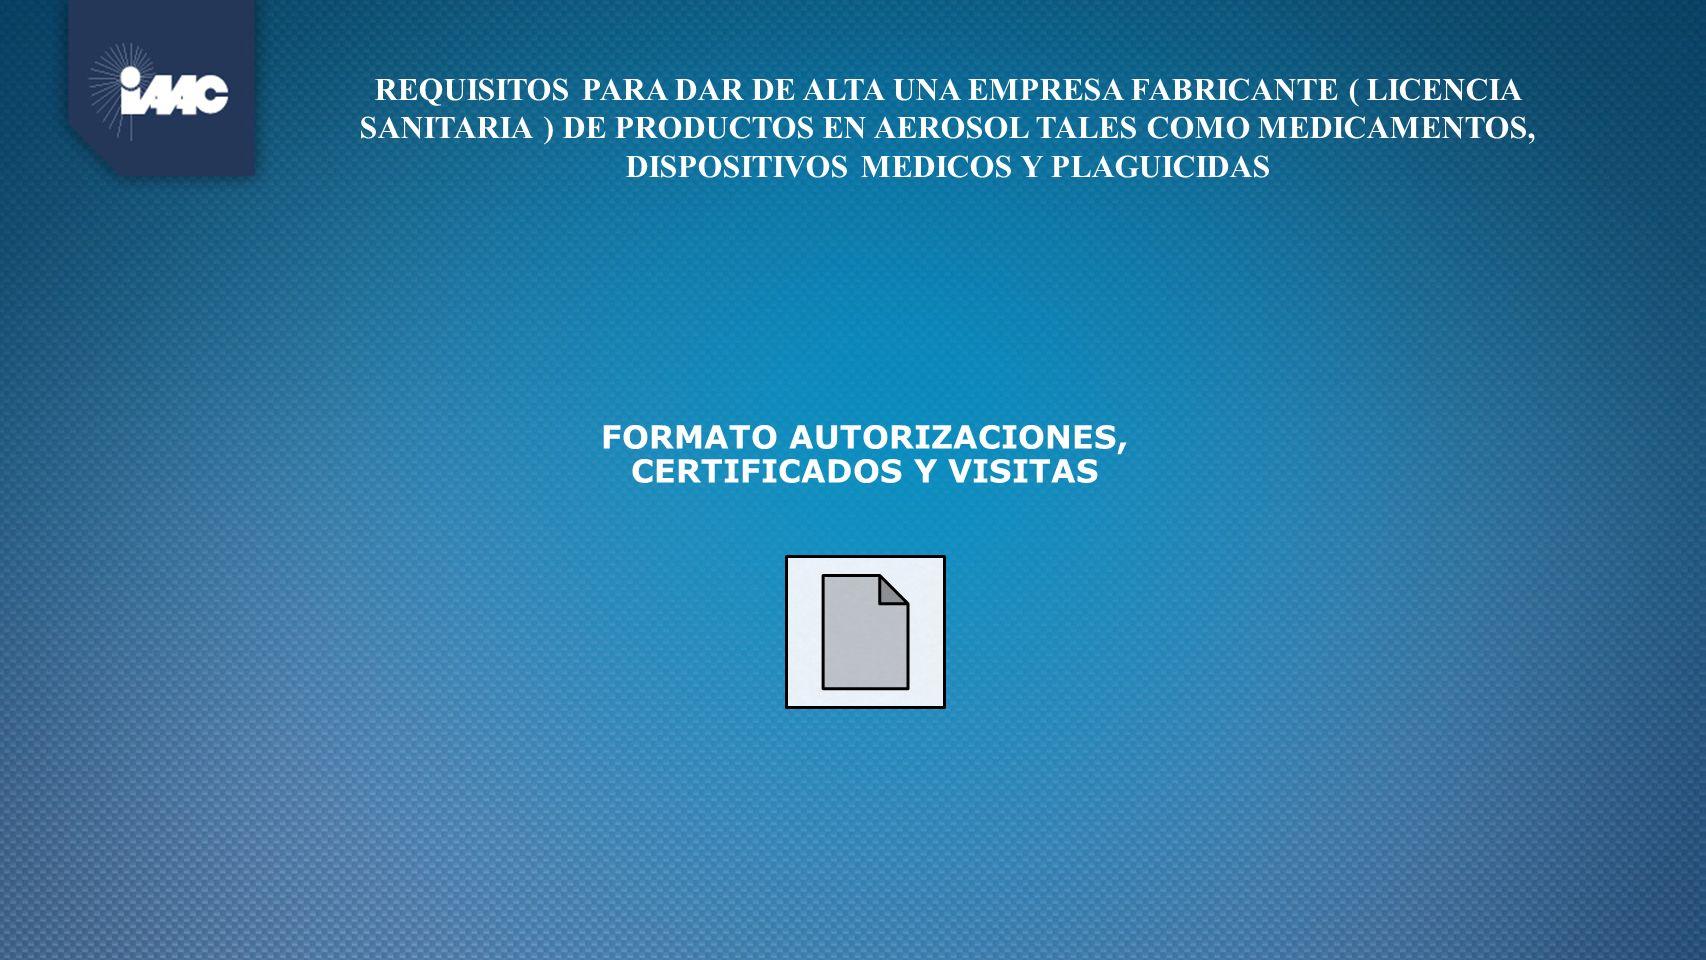 FORMATO AUTORIZACIONES, CERTIFICADOS Y VISITAS